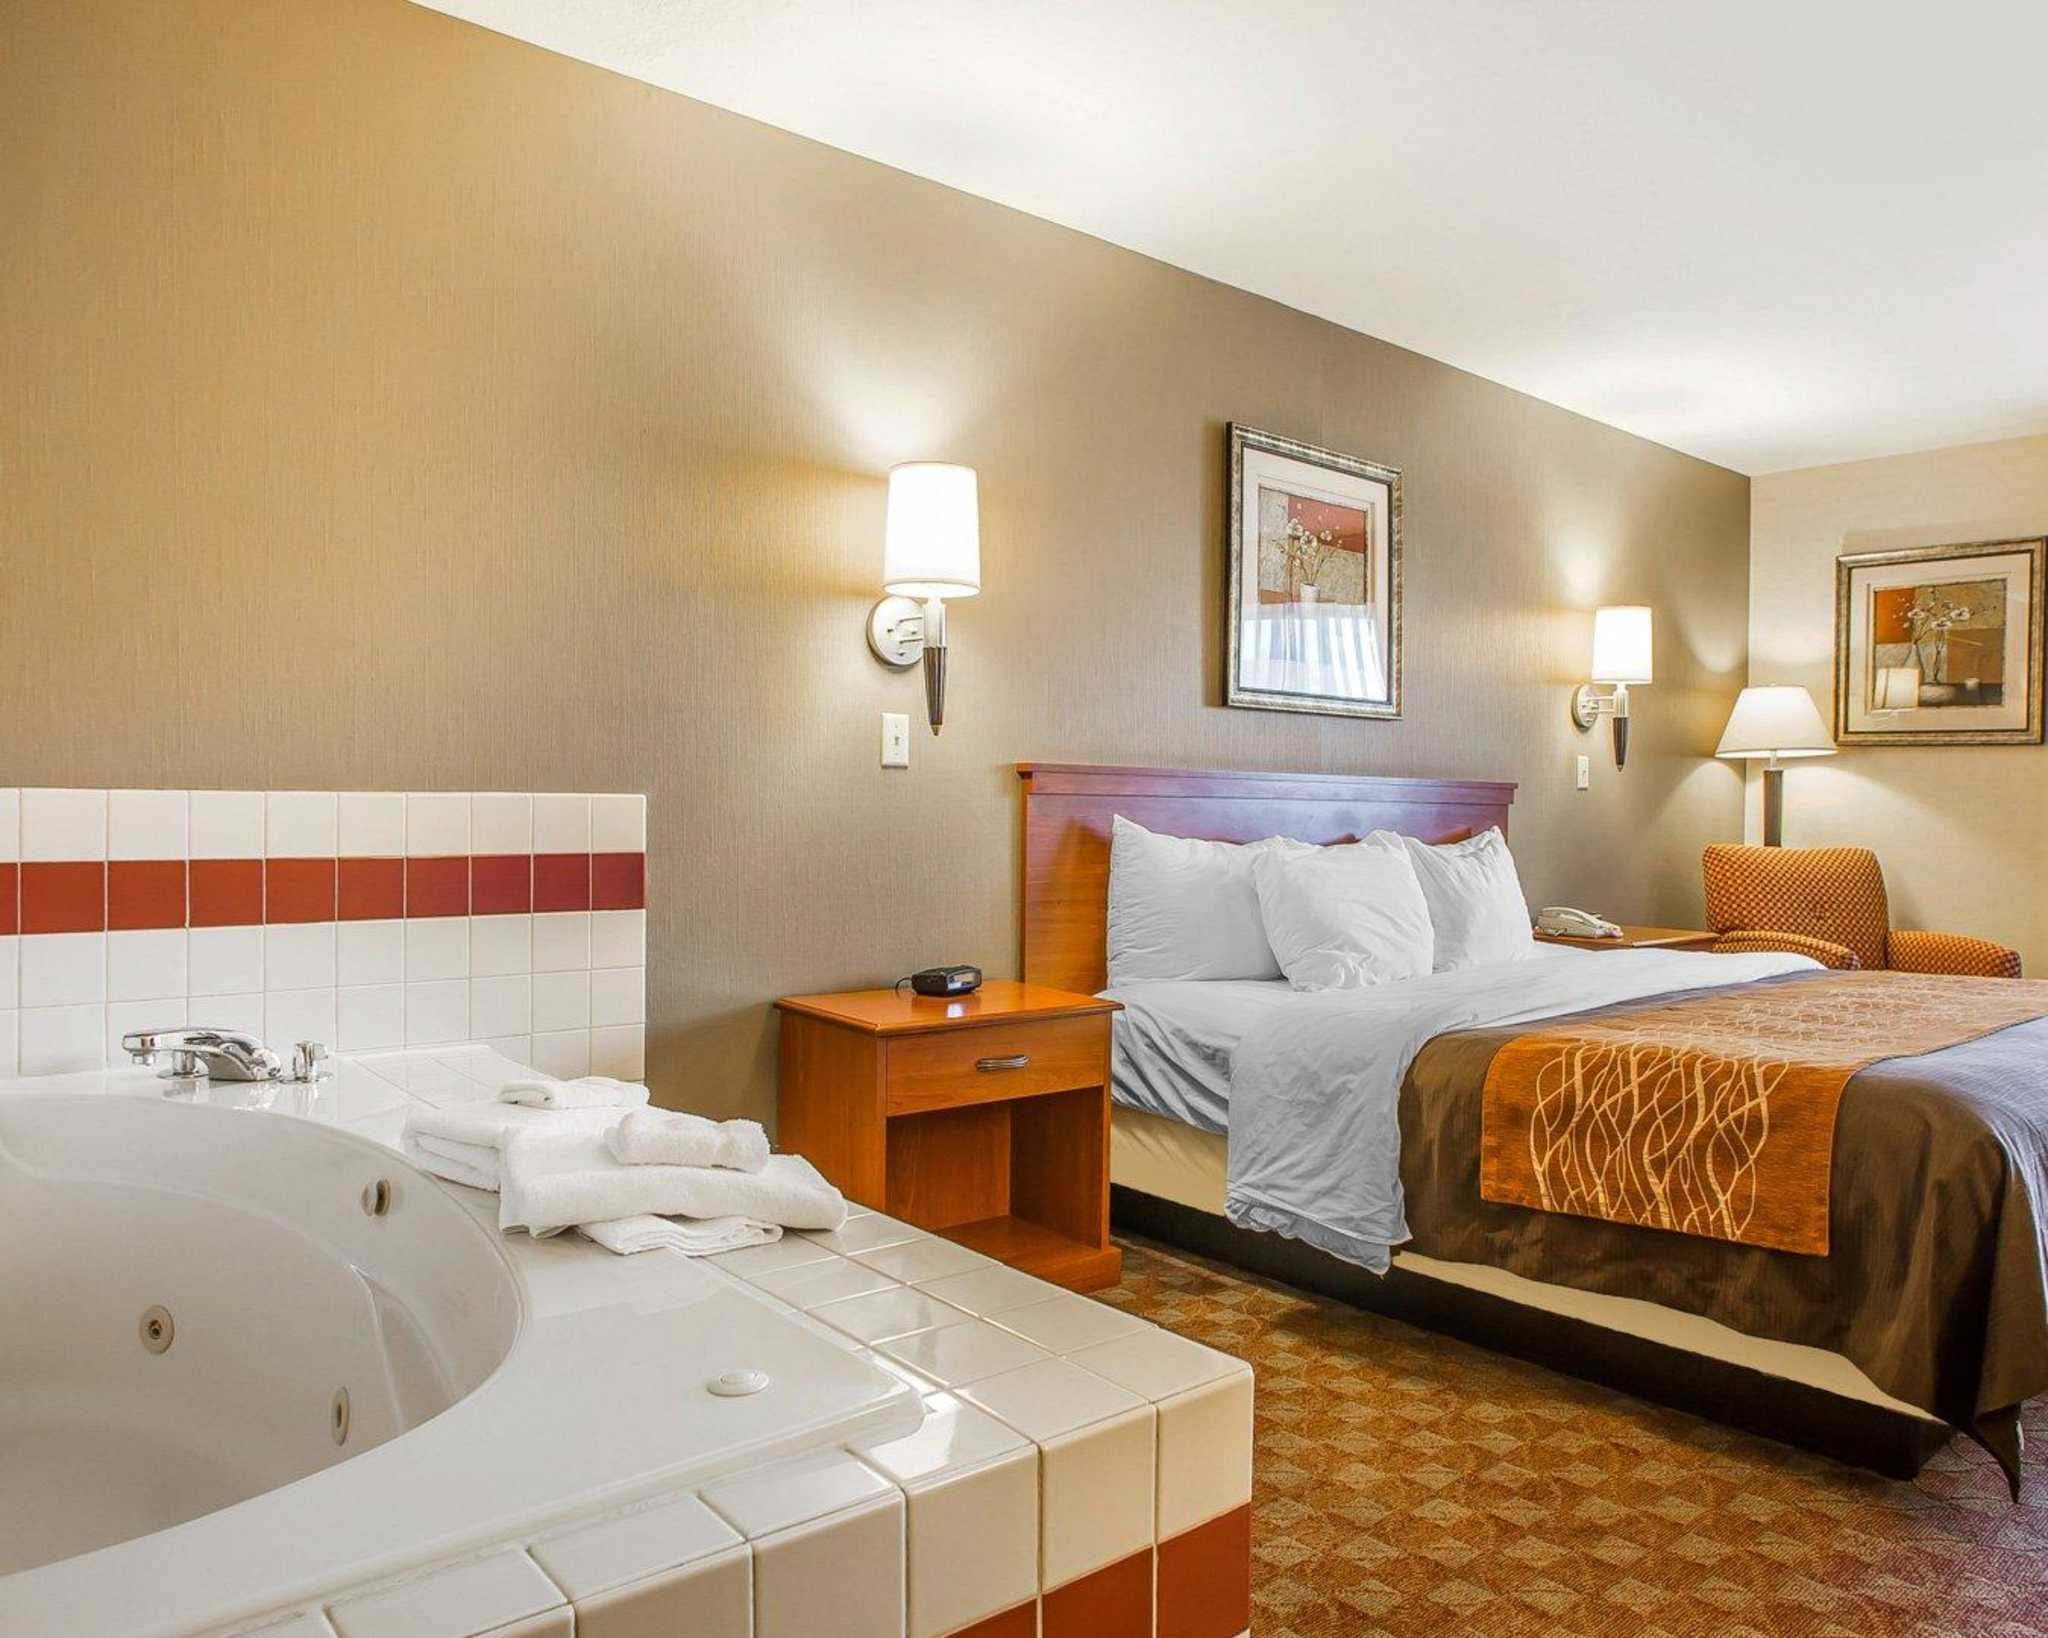 Comfort Inn image 35